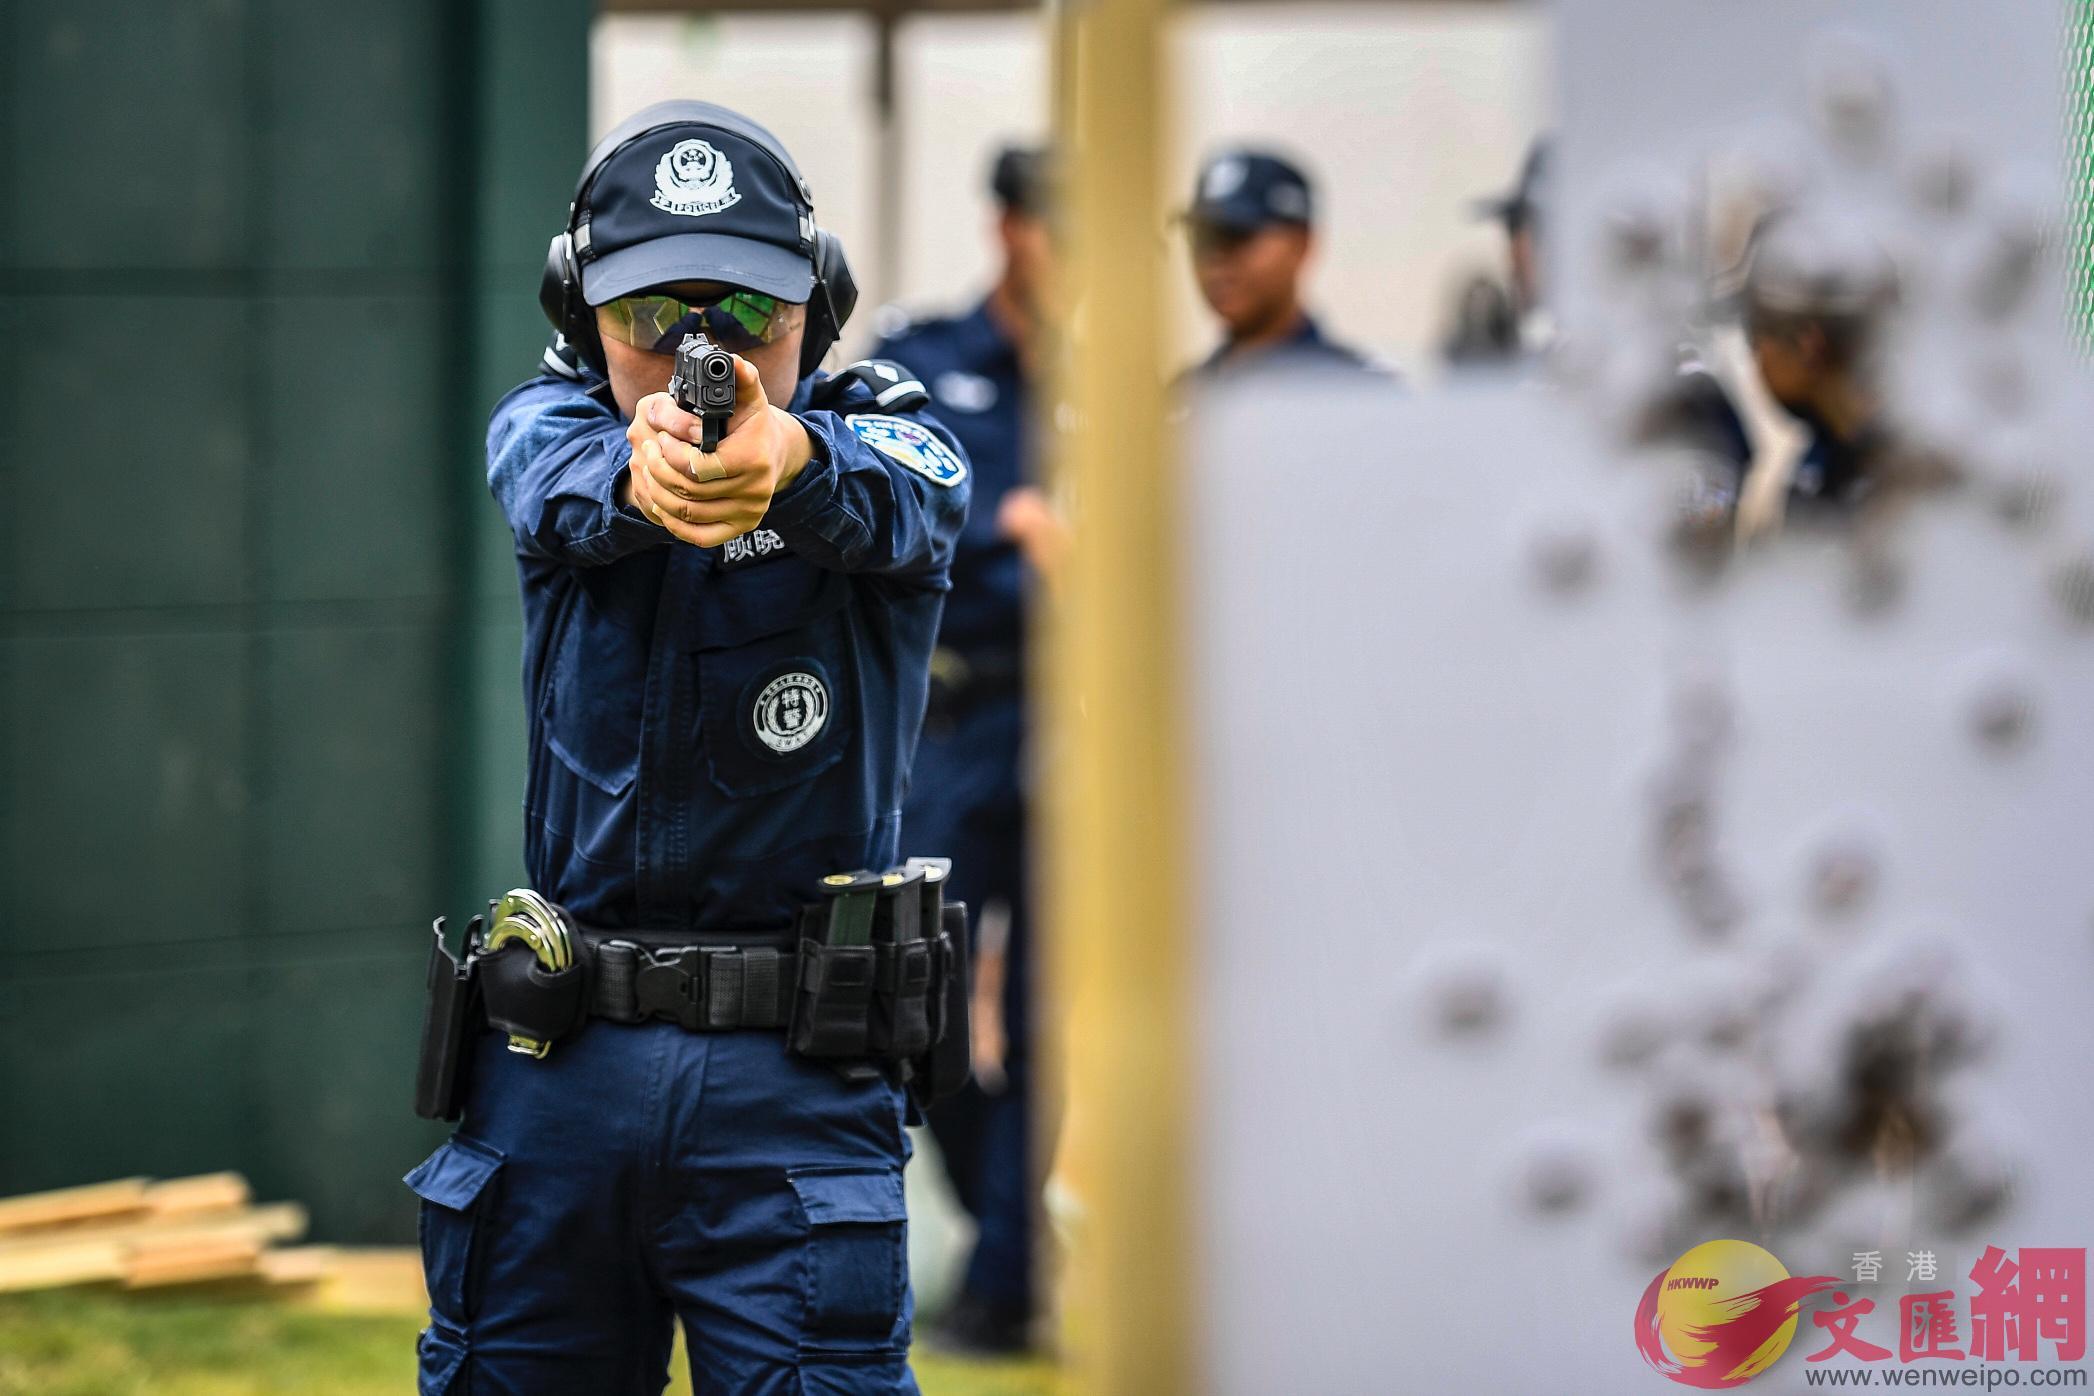 相比傳統射擊只能180度,全國首個可270度射擊的專業射擊場亮相。(記者方俊明 攝)